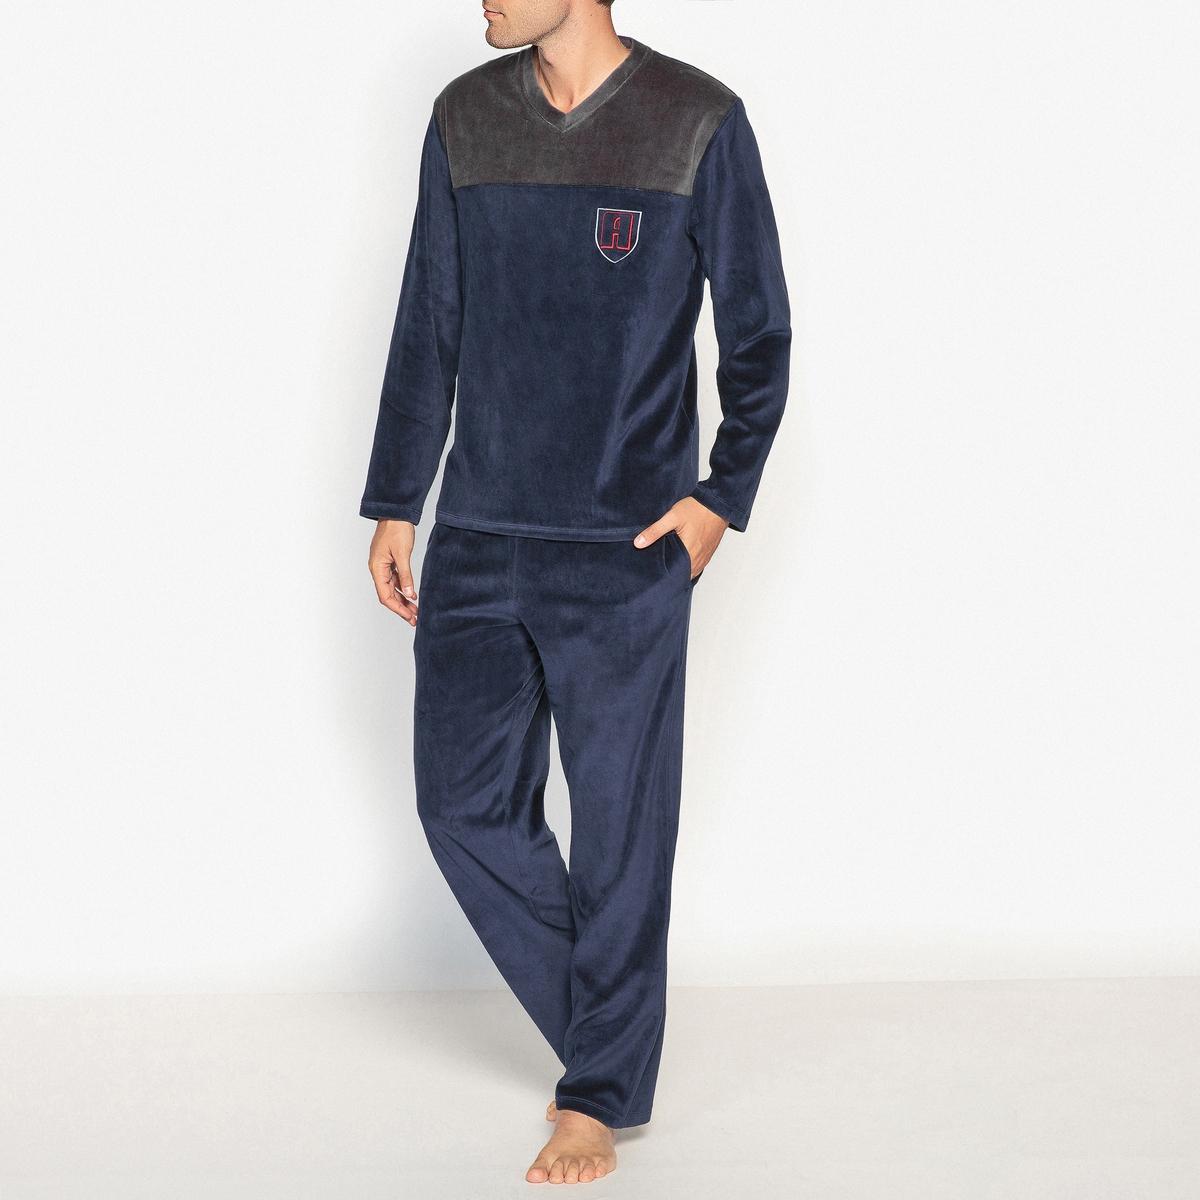 Пижама с длинными рукавами из велюраПижама ATHENA с футболкой с длинными двухцветными рукавами. Прямой покрой, V-образный вырез. Брюки прямого покроя.Описание  •  Футболка с длинными рукавами •   V-образный вырез  •  Длинные брюки, эластичный пояс с затягиваемым шнурком  •  2 боковых карманаСостав и уход •  Основной материал : велюр, 100% полиэстер •  Машинная стирка при 30 °С •  Стирать с вещами схожих цветов<br><br>Цвет: темно-синий/ серый<br>Размер: XXL